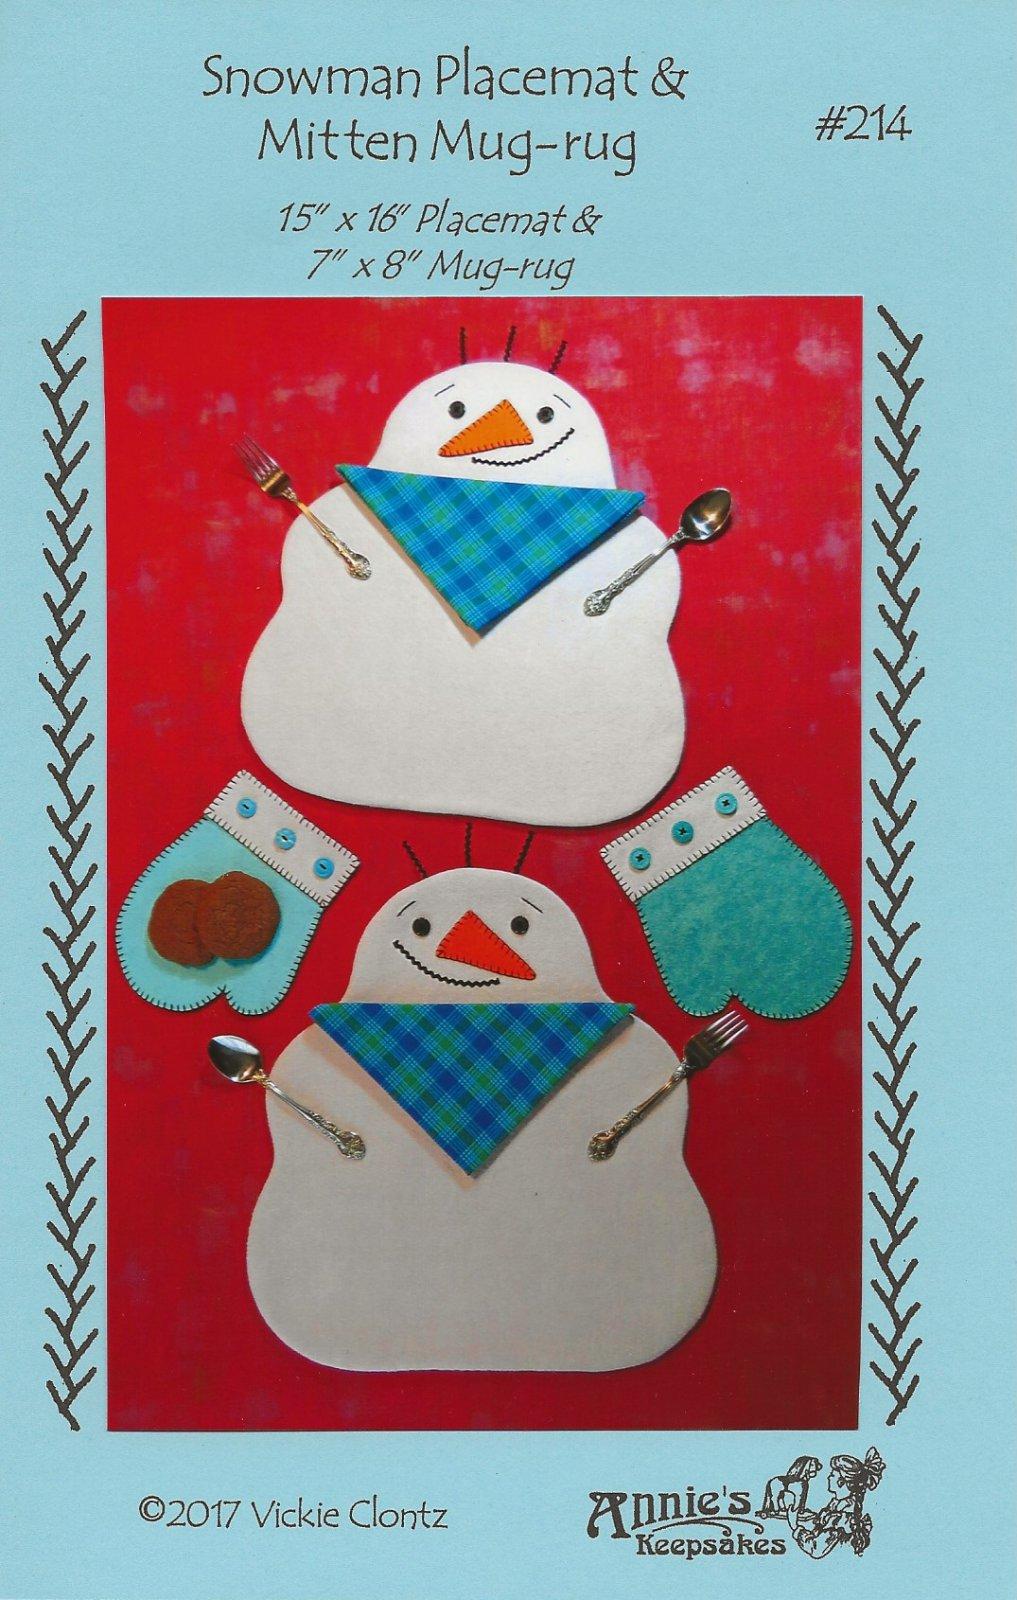 Snowman Placemat & Mitten Mug-rug